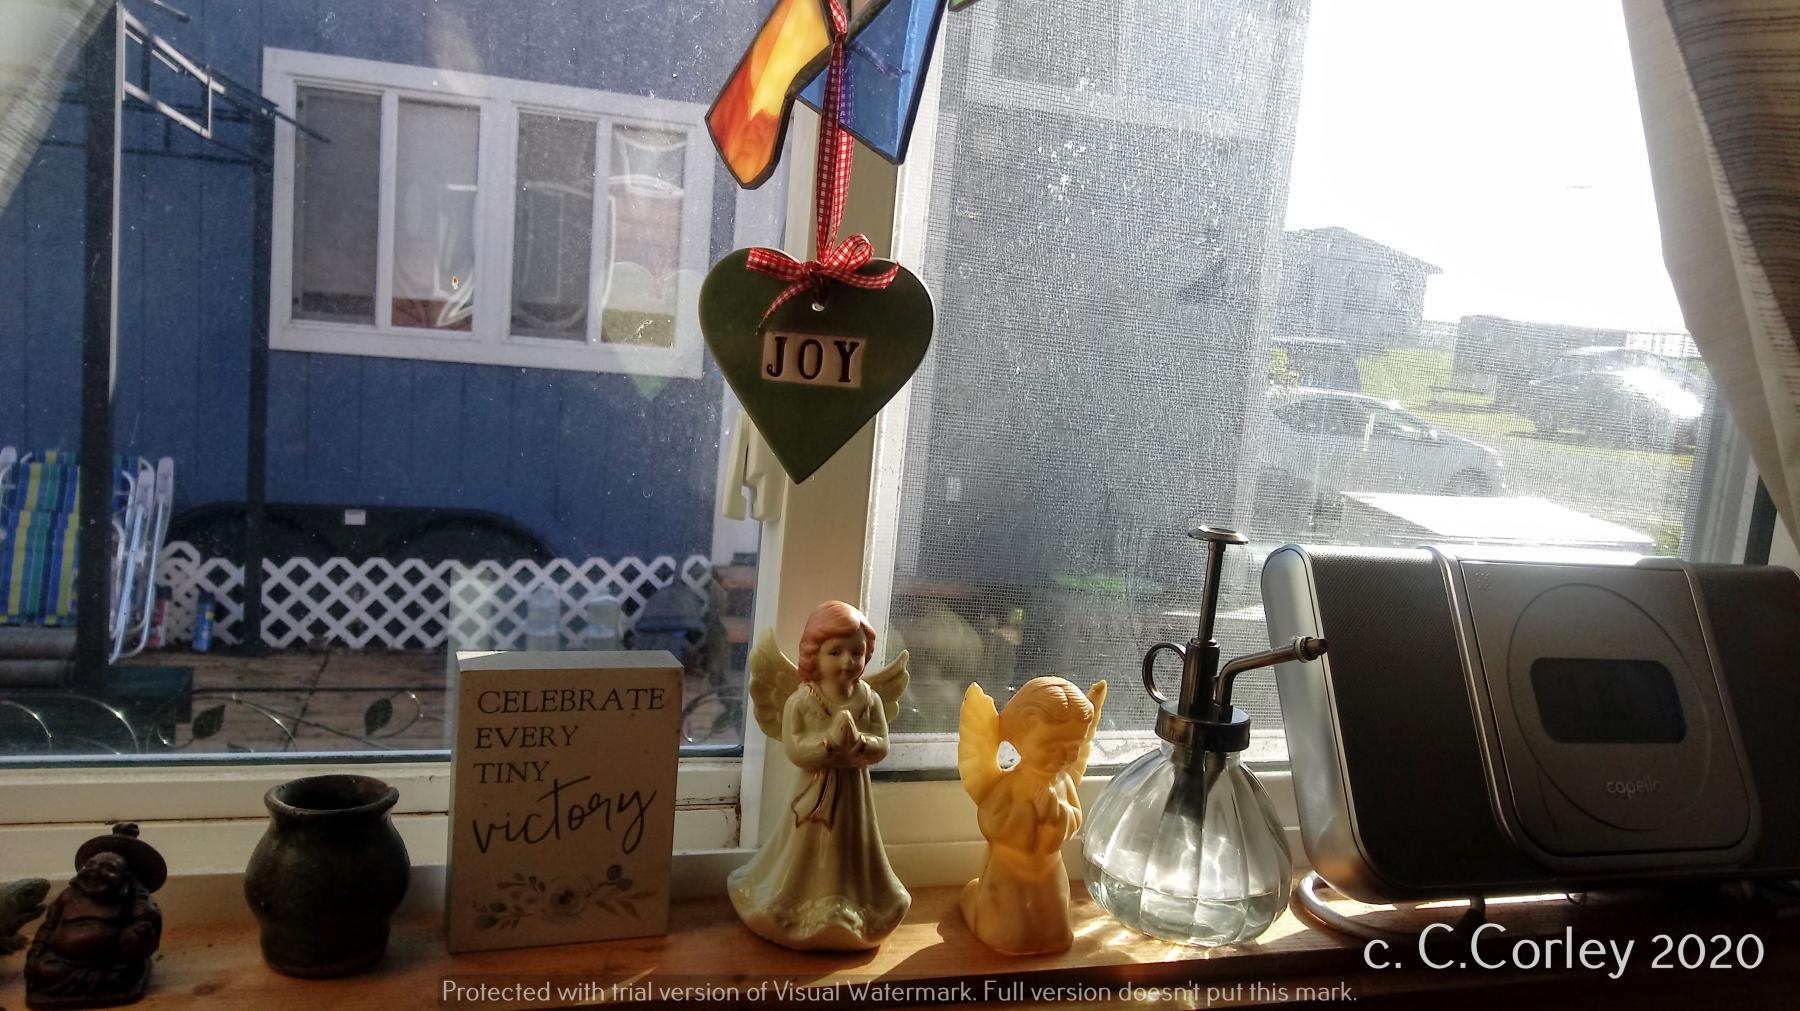 A view of joyful objects